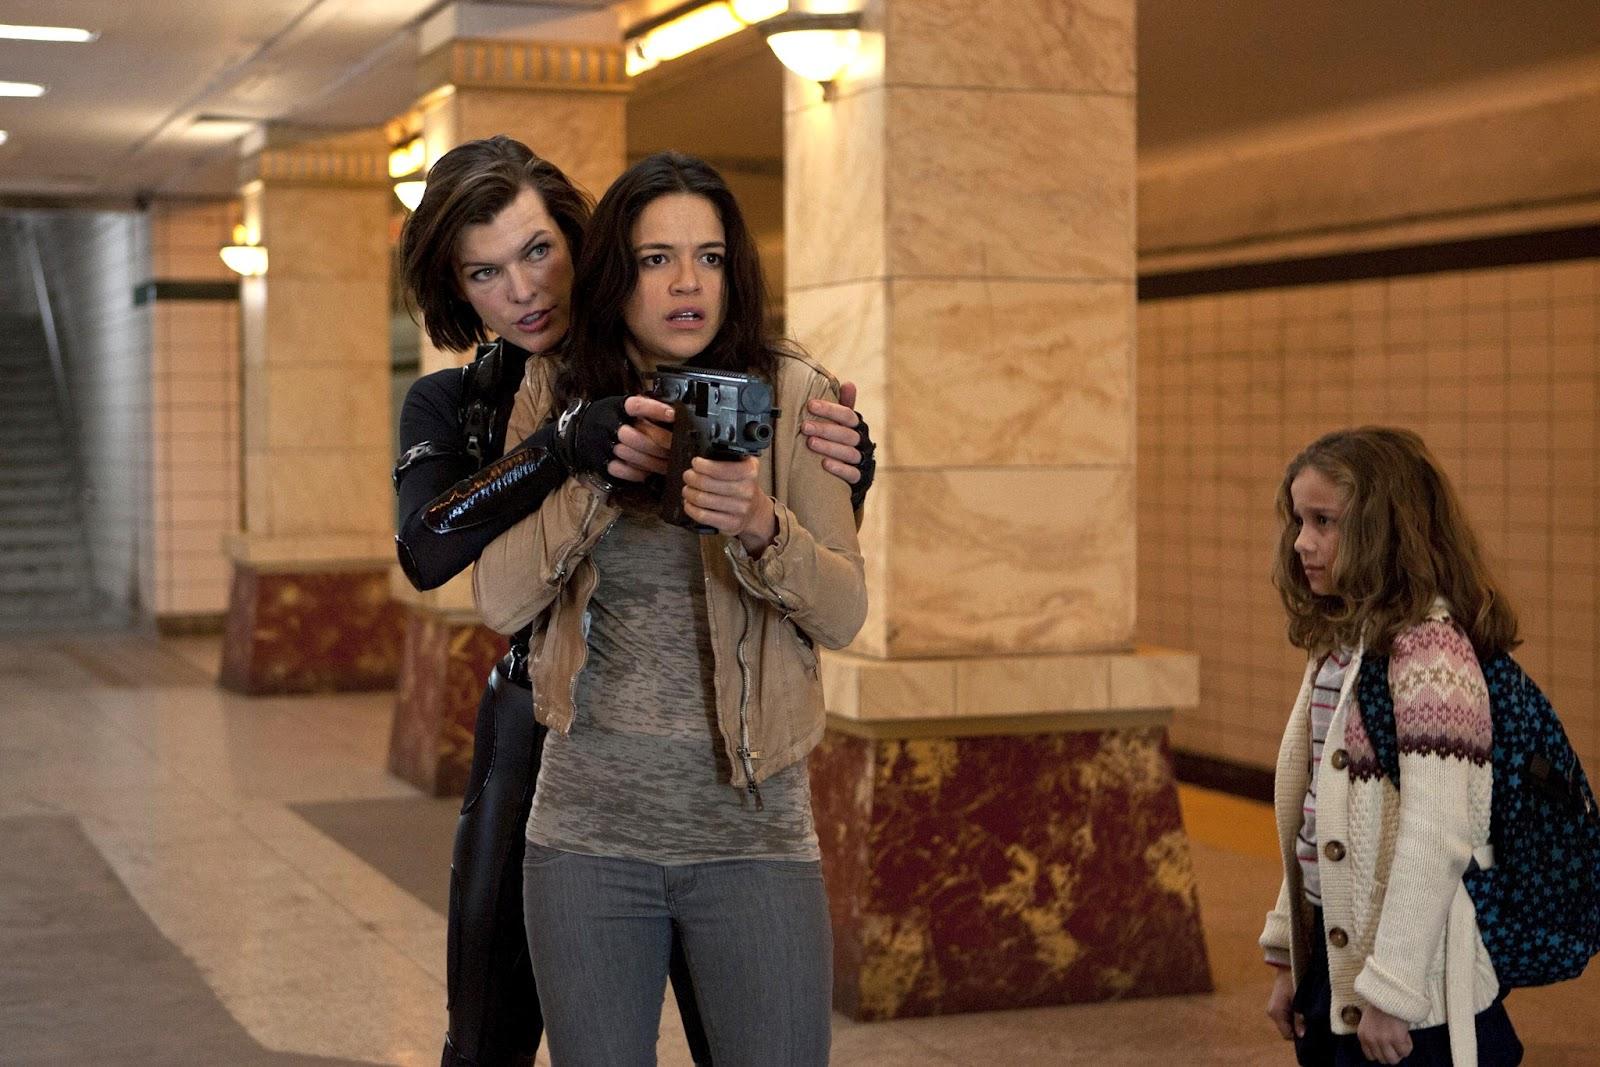 http://4.bp.blogspot.com/-F5b2AbDFT84/UDk3FpyNBiI/AAAAAAAALUc/sugkFanA7Jw/s1600/resident-evil-la-venganza-foto-16.jpg